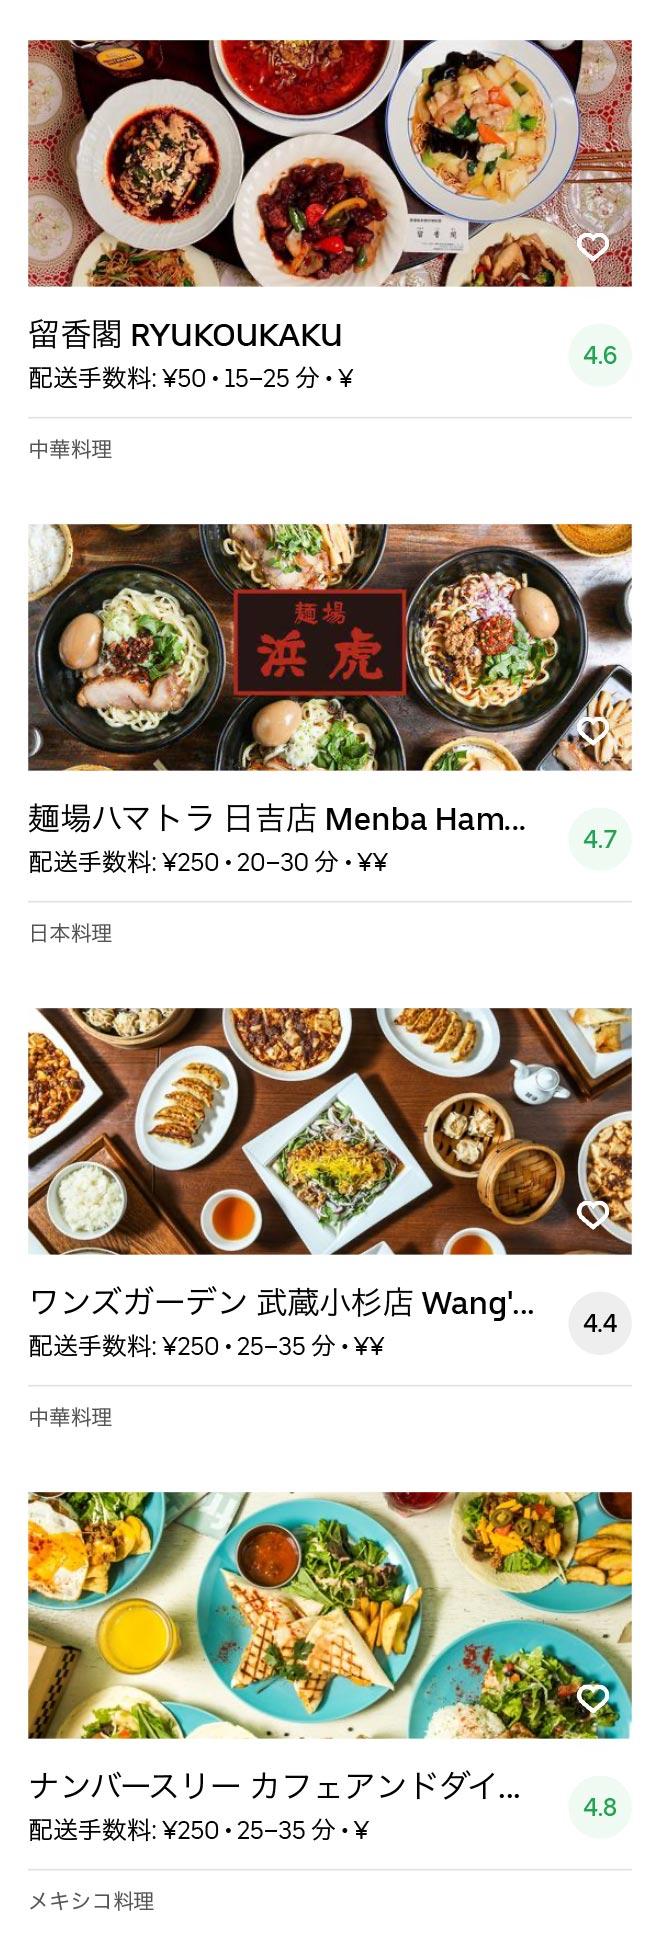 Yokohama tsunashima menu 2004 06